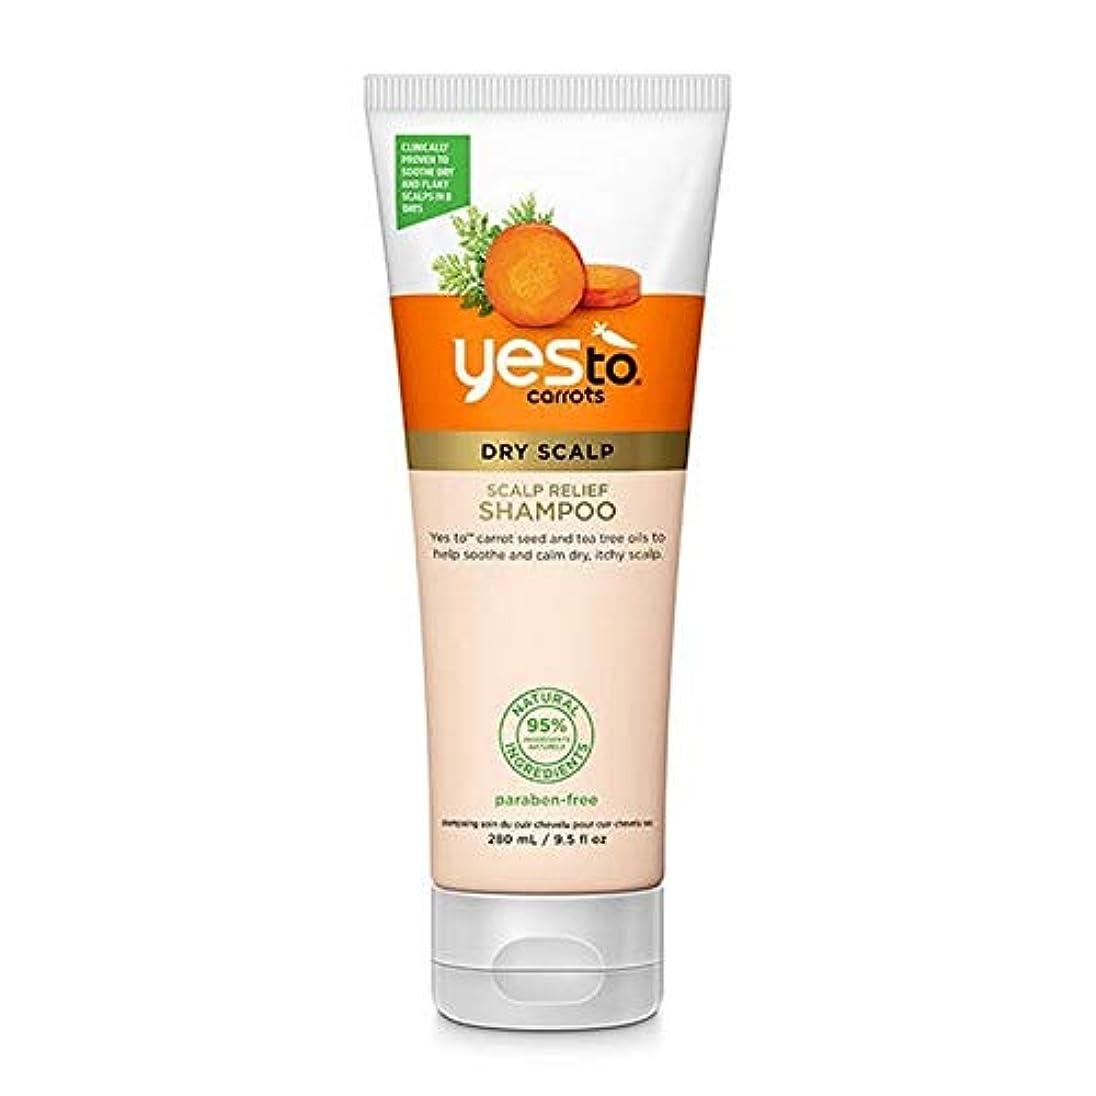 軌道第遊び場[YES TO! ] はいニンジン頭皮リリーフシャンプーへ - Yes To Carrots Scalp Relief Shampoo [並行輸入品]